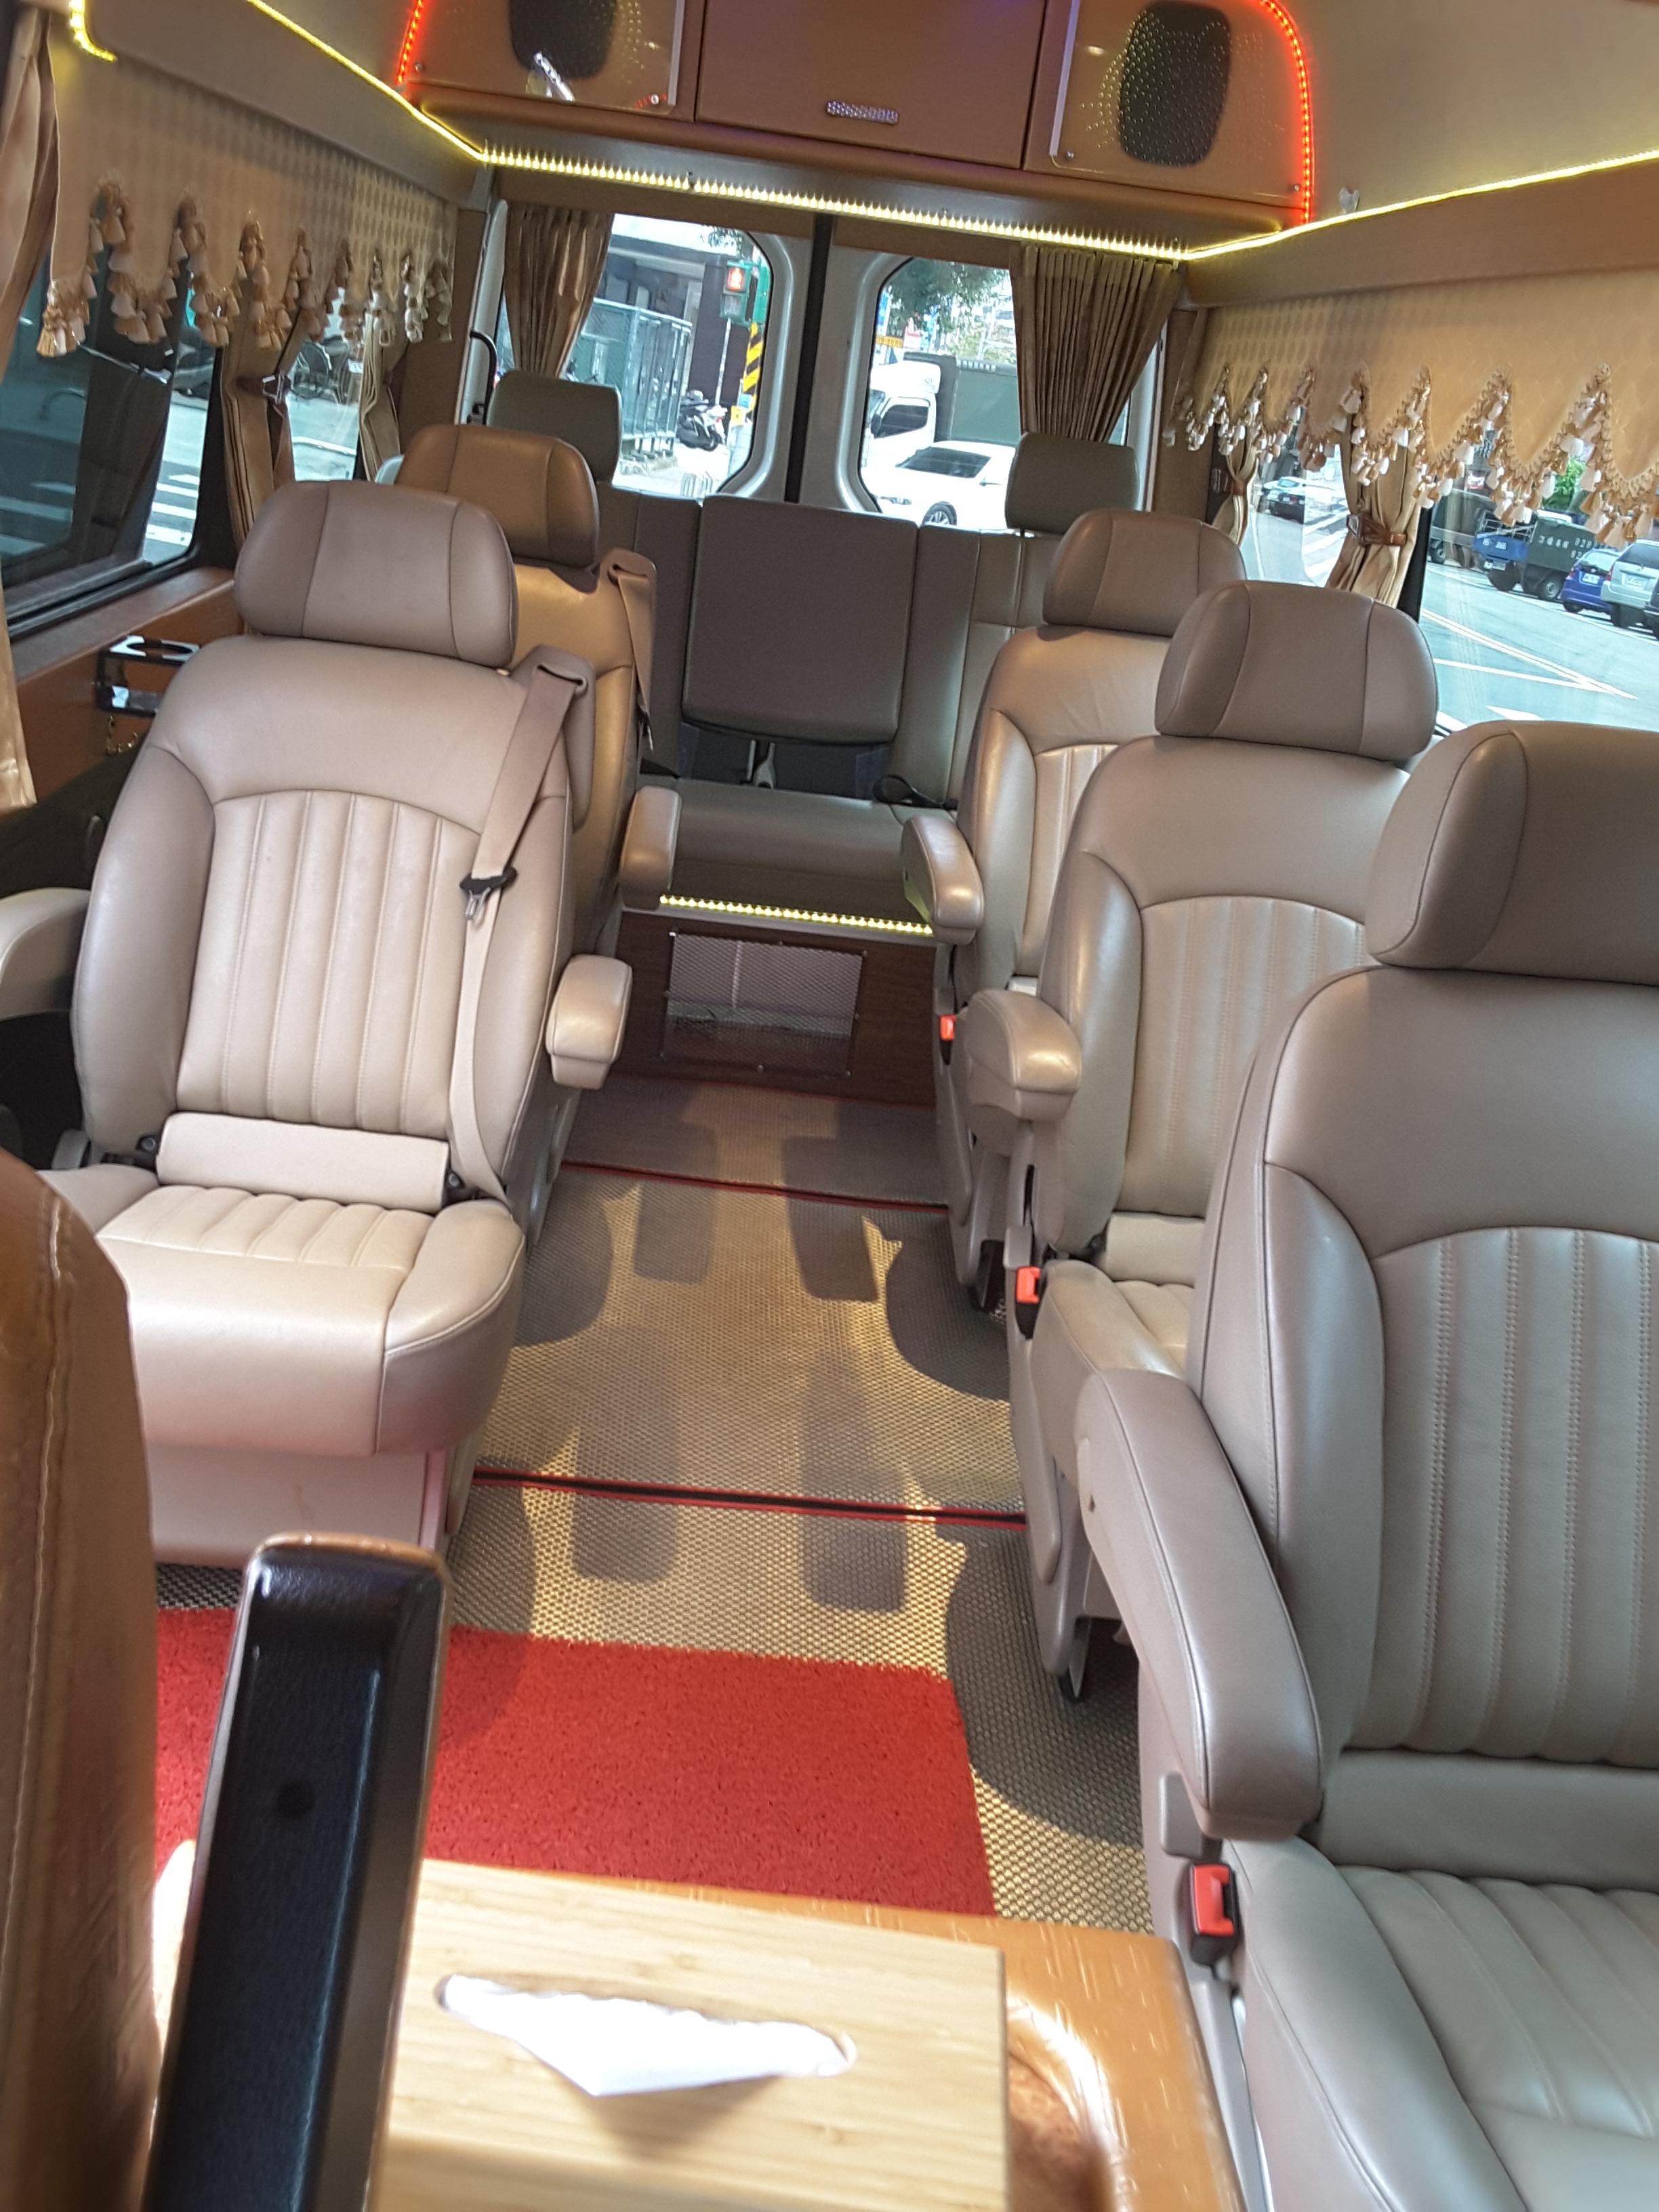 福斯大T包車旅遊,福斯包車,福斯10人座包車,保母車包車,企業包車,商務包車,大T五包車,大T包車旅遊,福斯包車旅遊